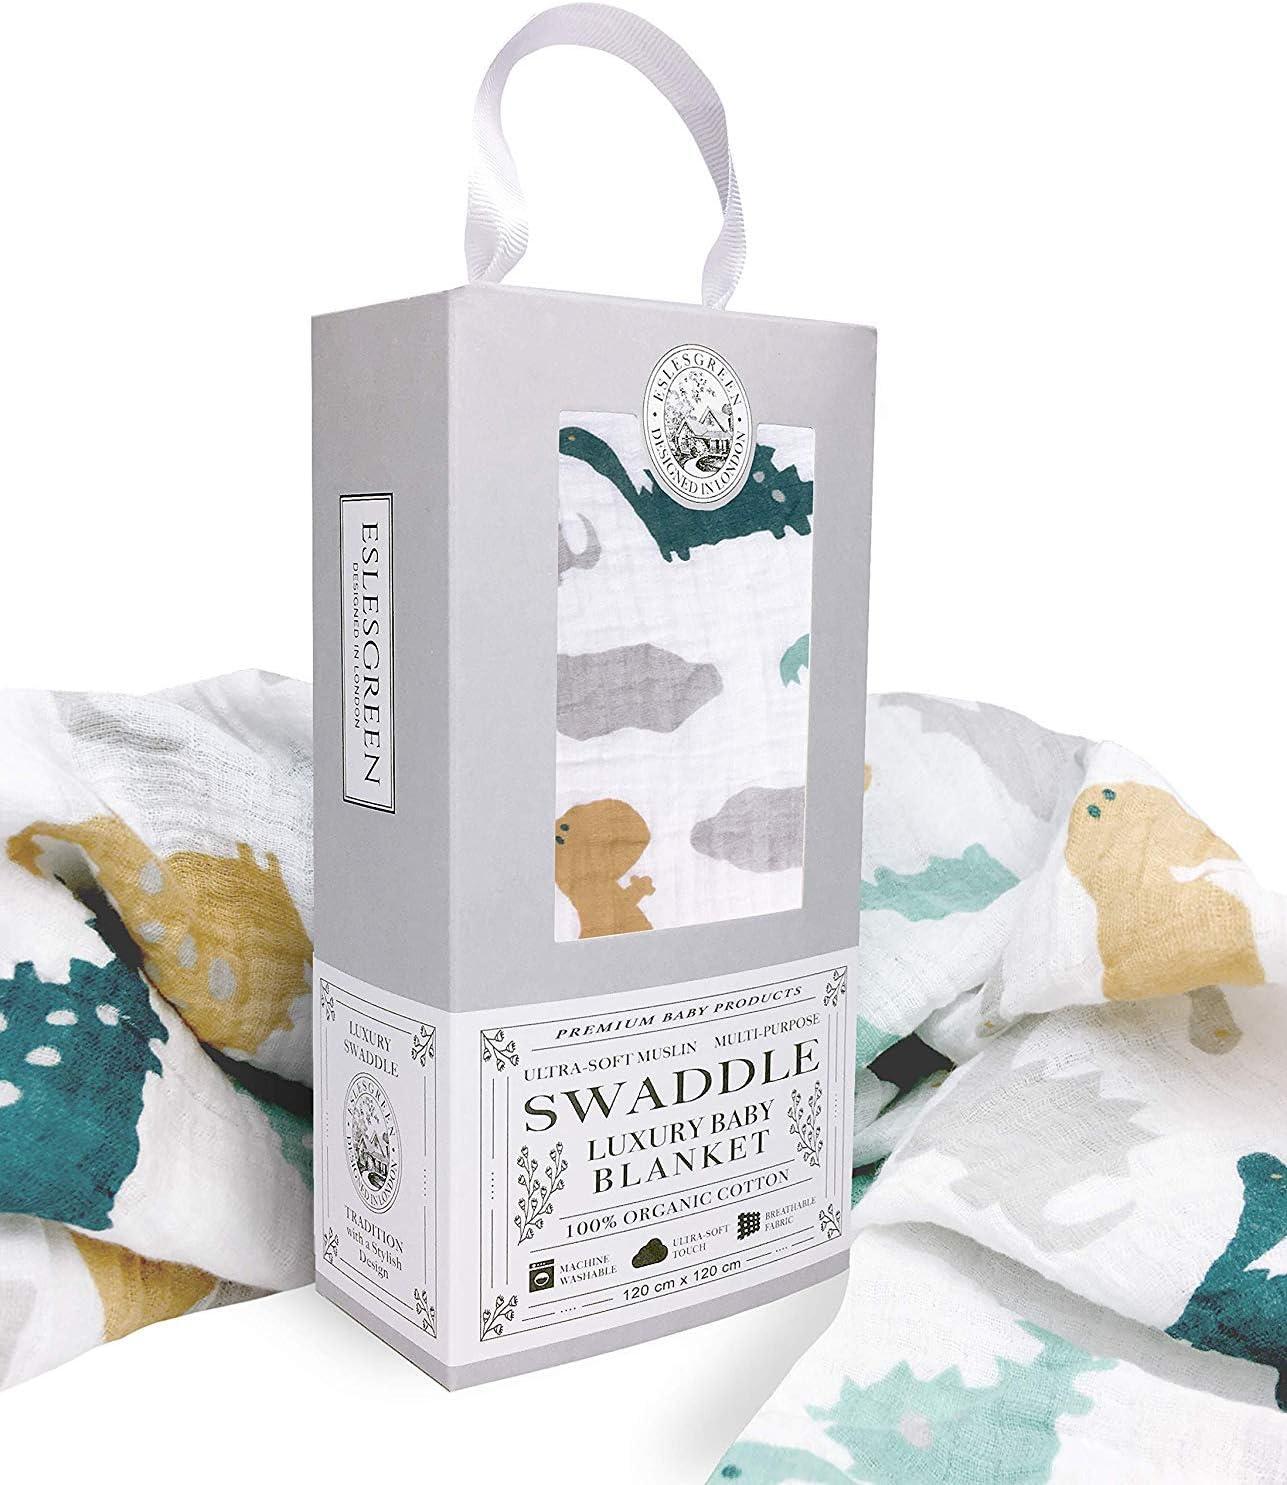 Eslesgreen Manta Muselina de bebé Grande 120x120cm | 100% Algodón Orgánico Super Suave | Regalo de bebé | Set de regalo recién nacido |: Amazon.es: Bebé